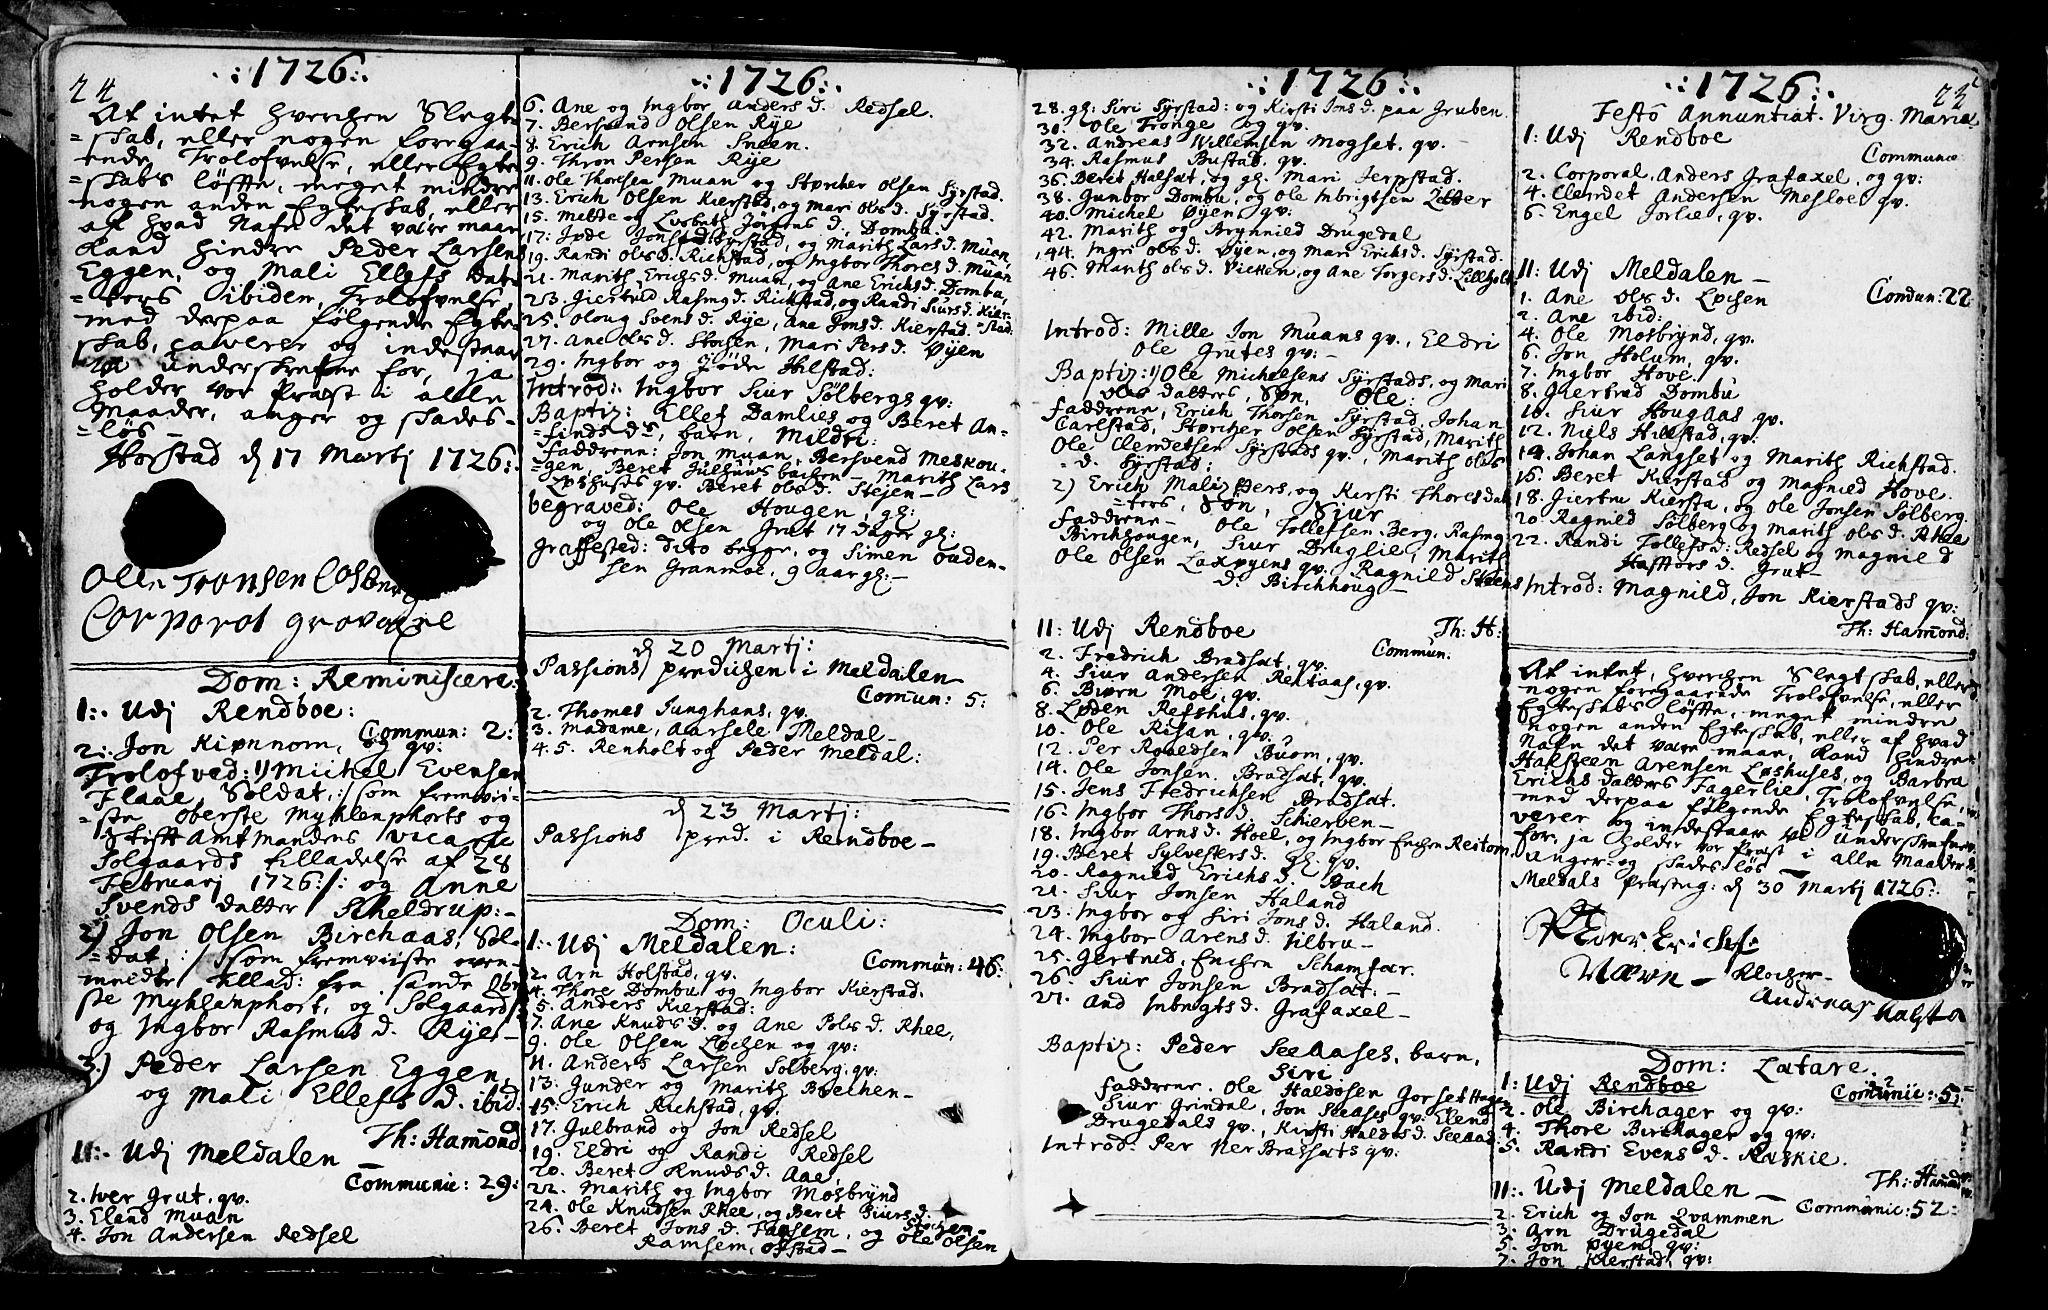 SAT, Ministerialprotokoller, klokkerbøker og fødselsregistre - Sør-Trøndelag, 672/L0850: Ministerialbok nr. 672A03, 1725-1751, s. 24-25